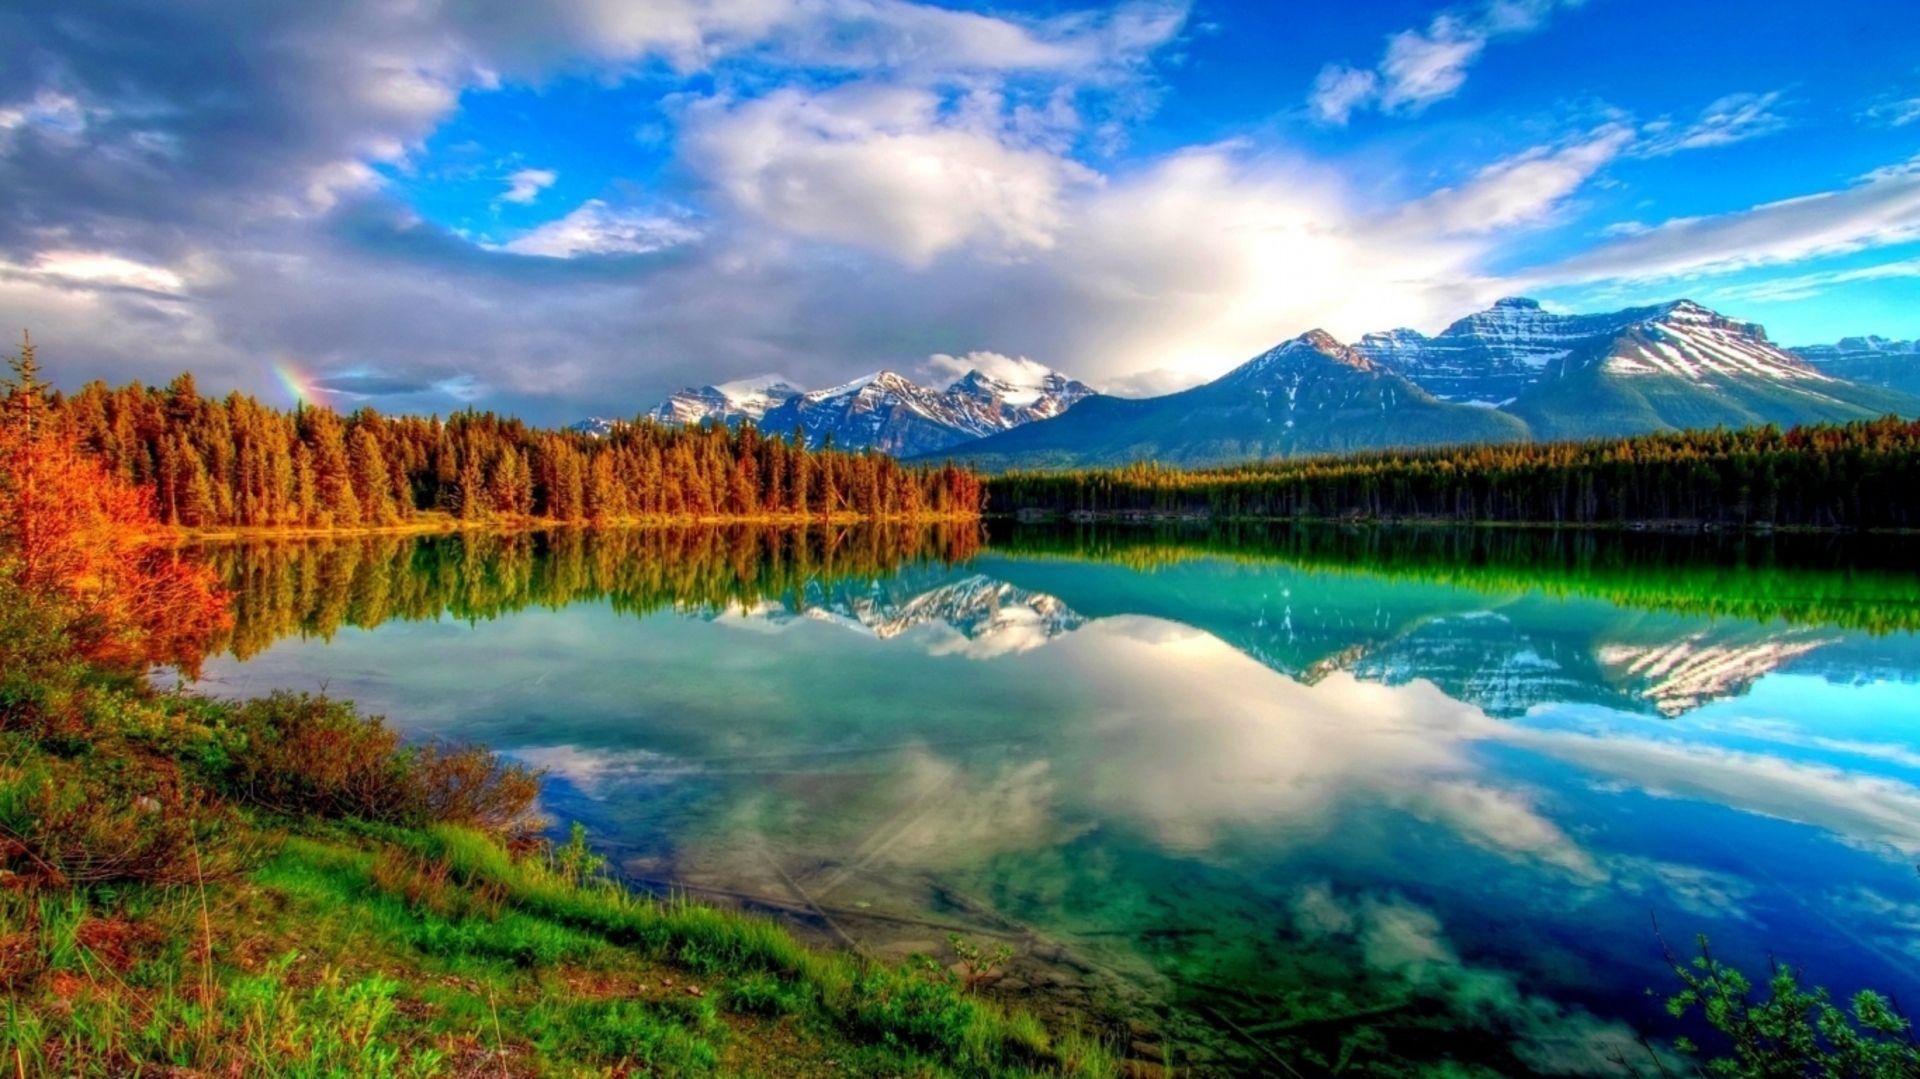 Amazing Nature Scenes Home Desktop Wallpapers Amazing